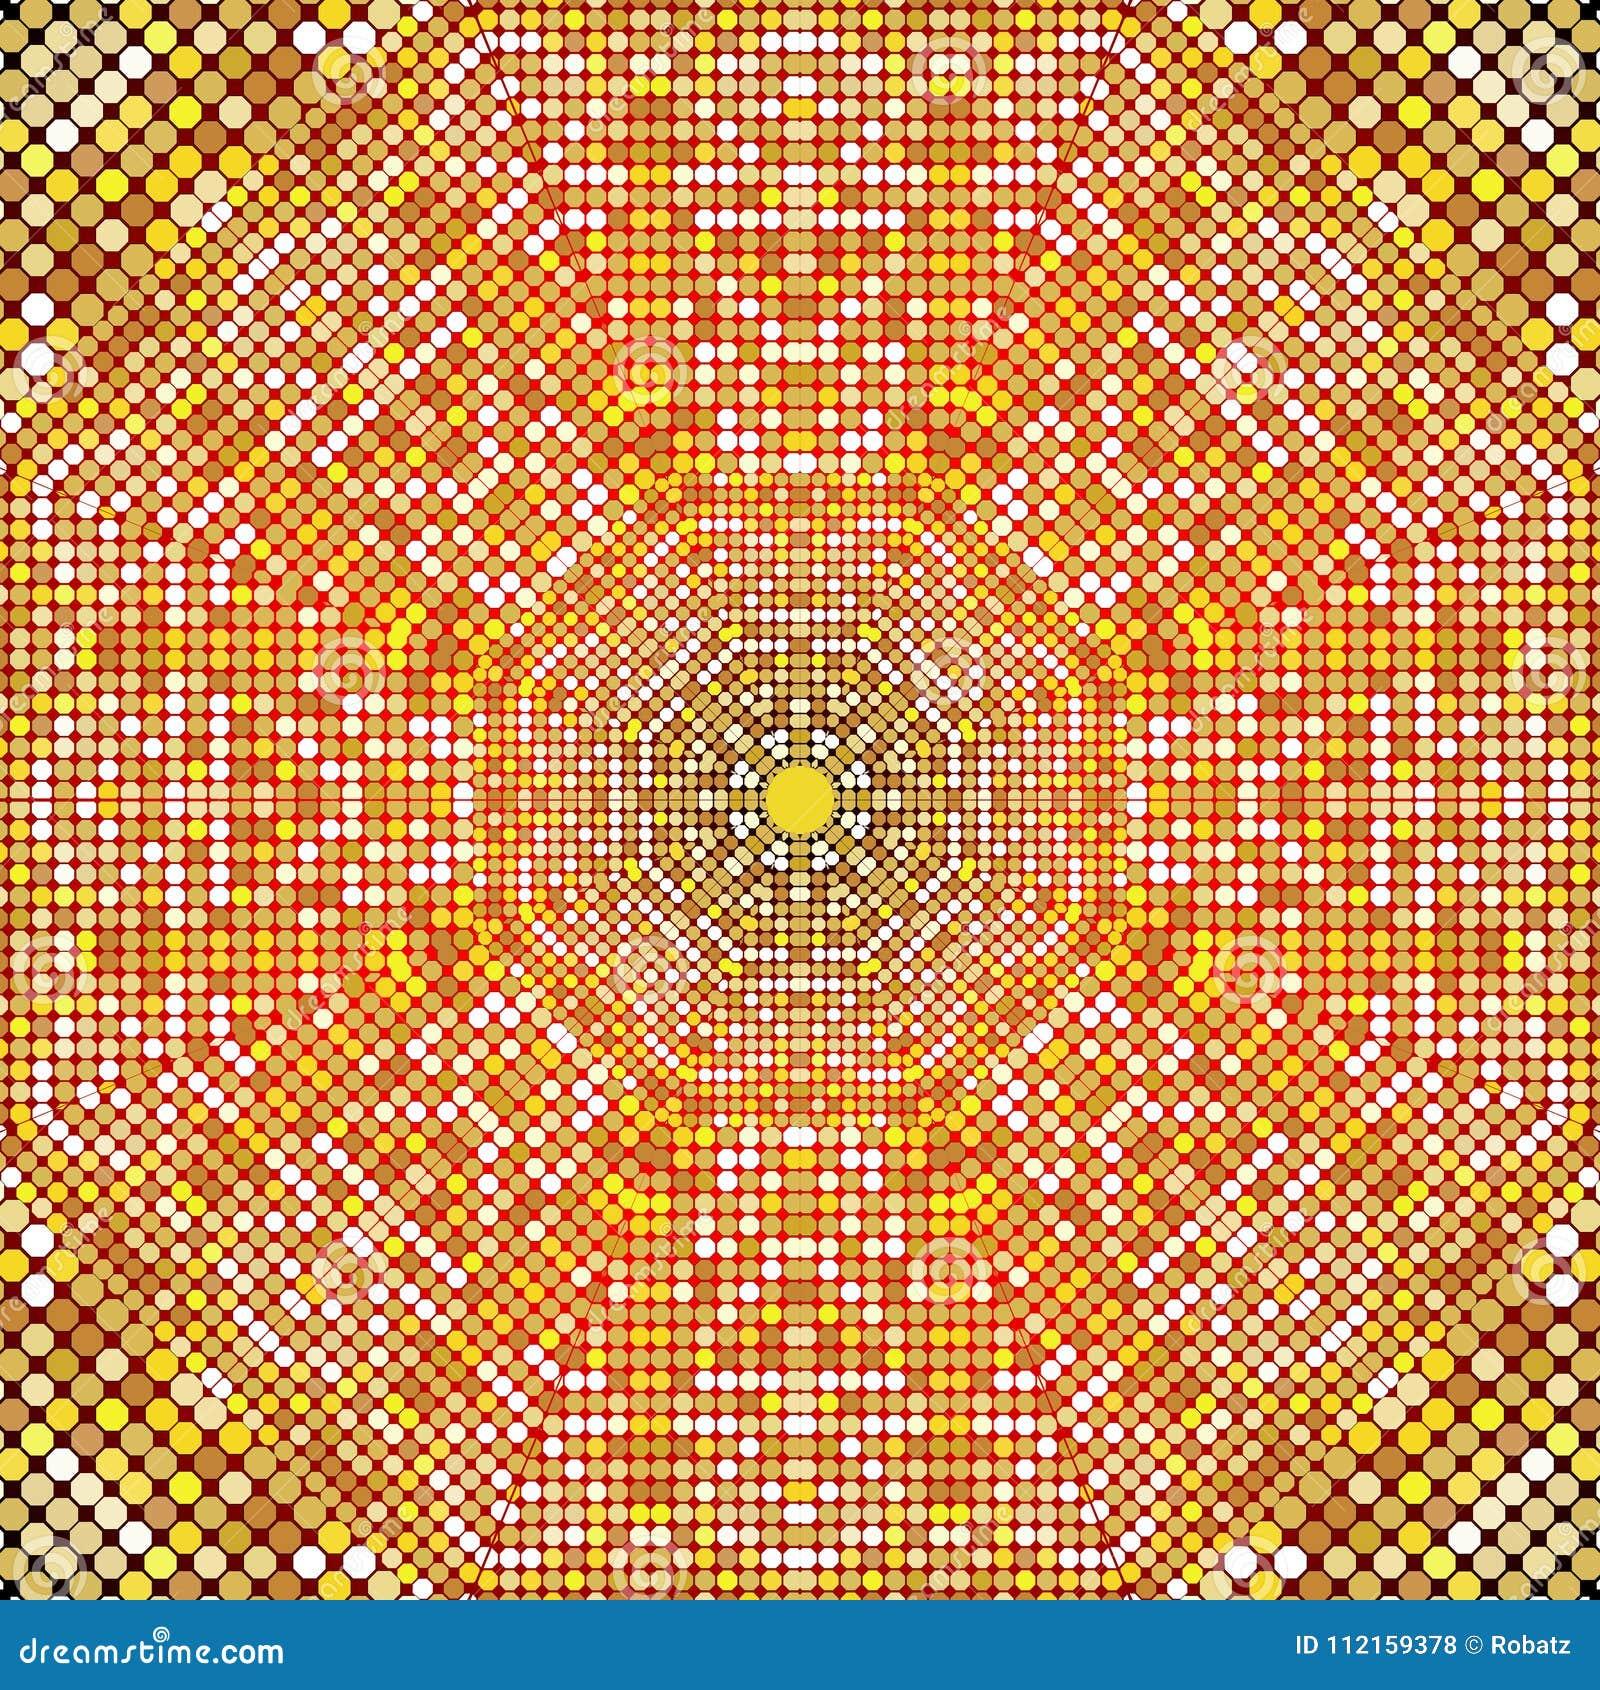 Χρυσή σύσταση σχεδίων με τα χρυσά μωσαϊκά στο βυζαντινό ύφος/το παλαιά μωσαϊκό/τα κεραμίδια μωσαϊκών στο παλαιό ύφος Σύσταση κυβό